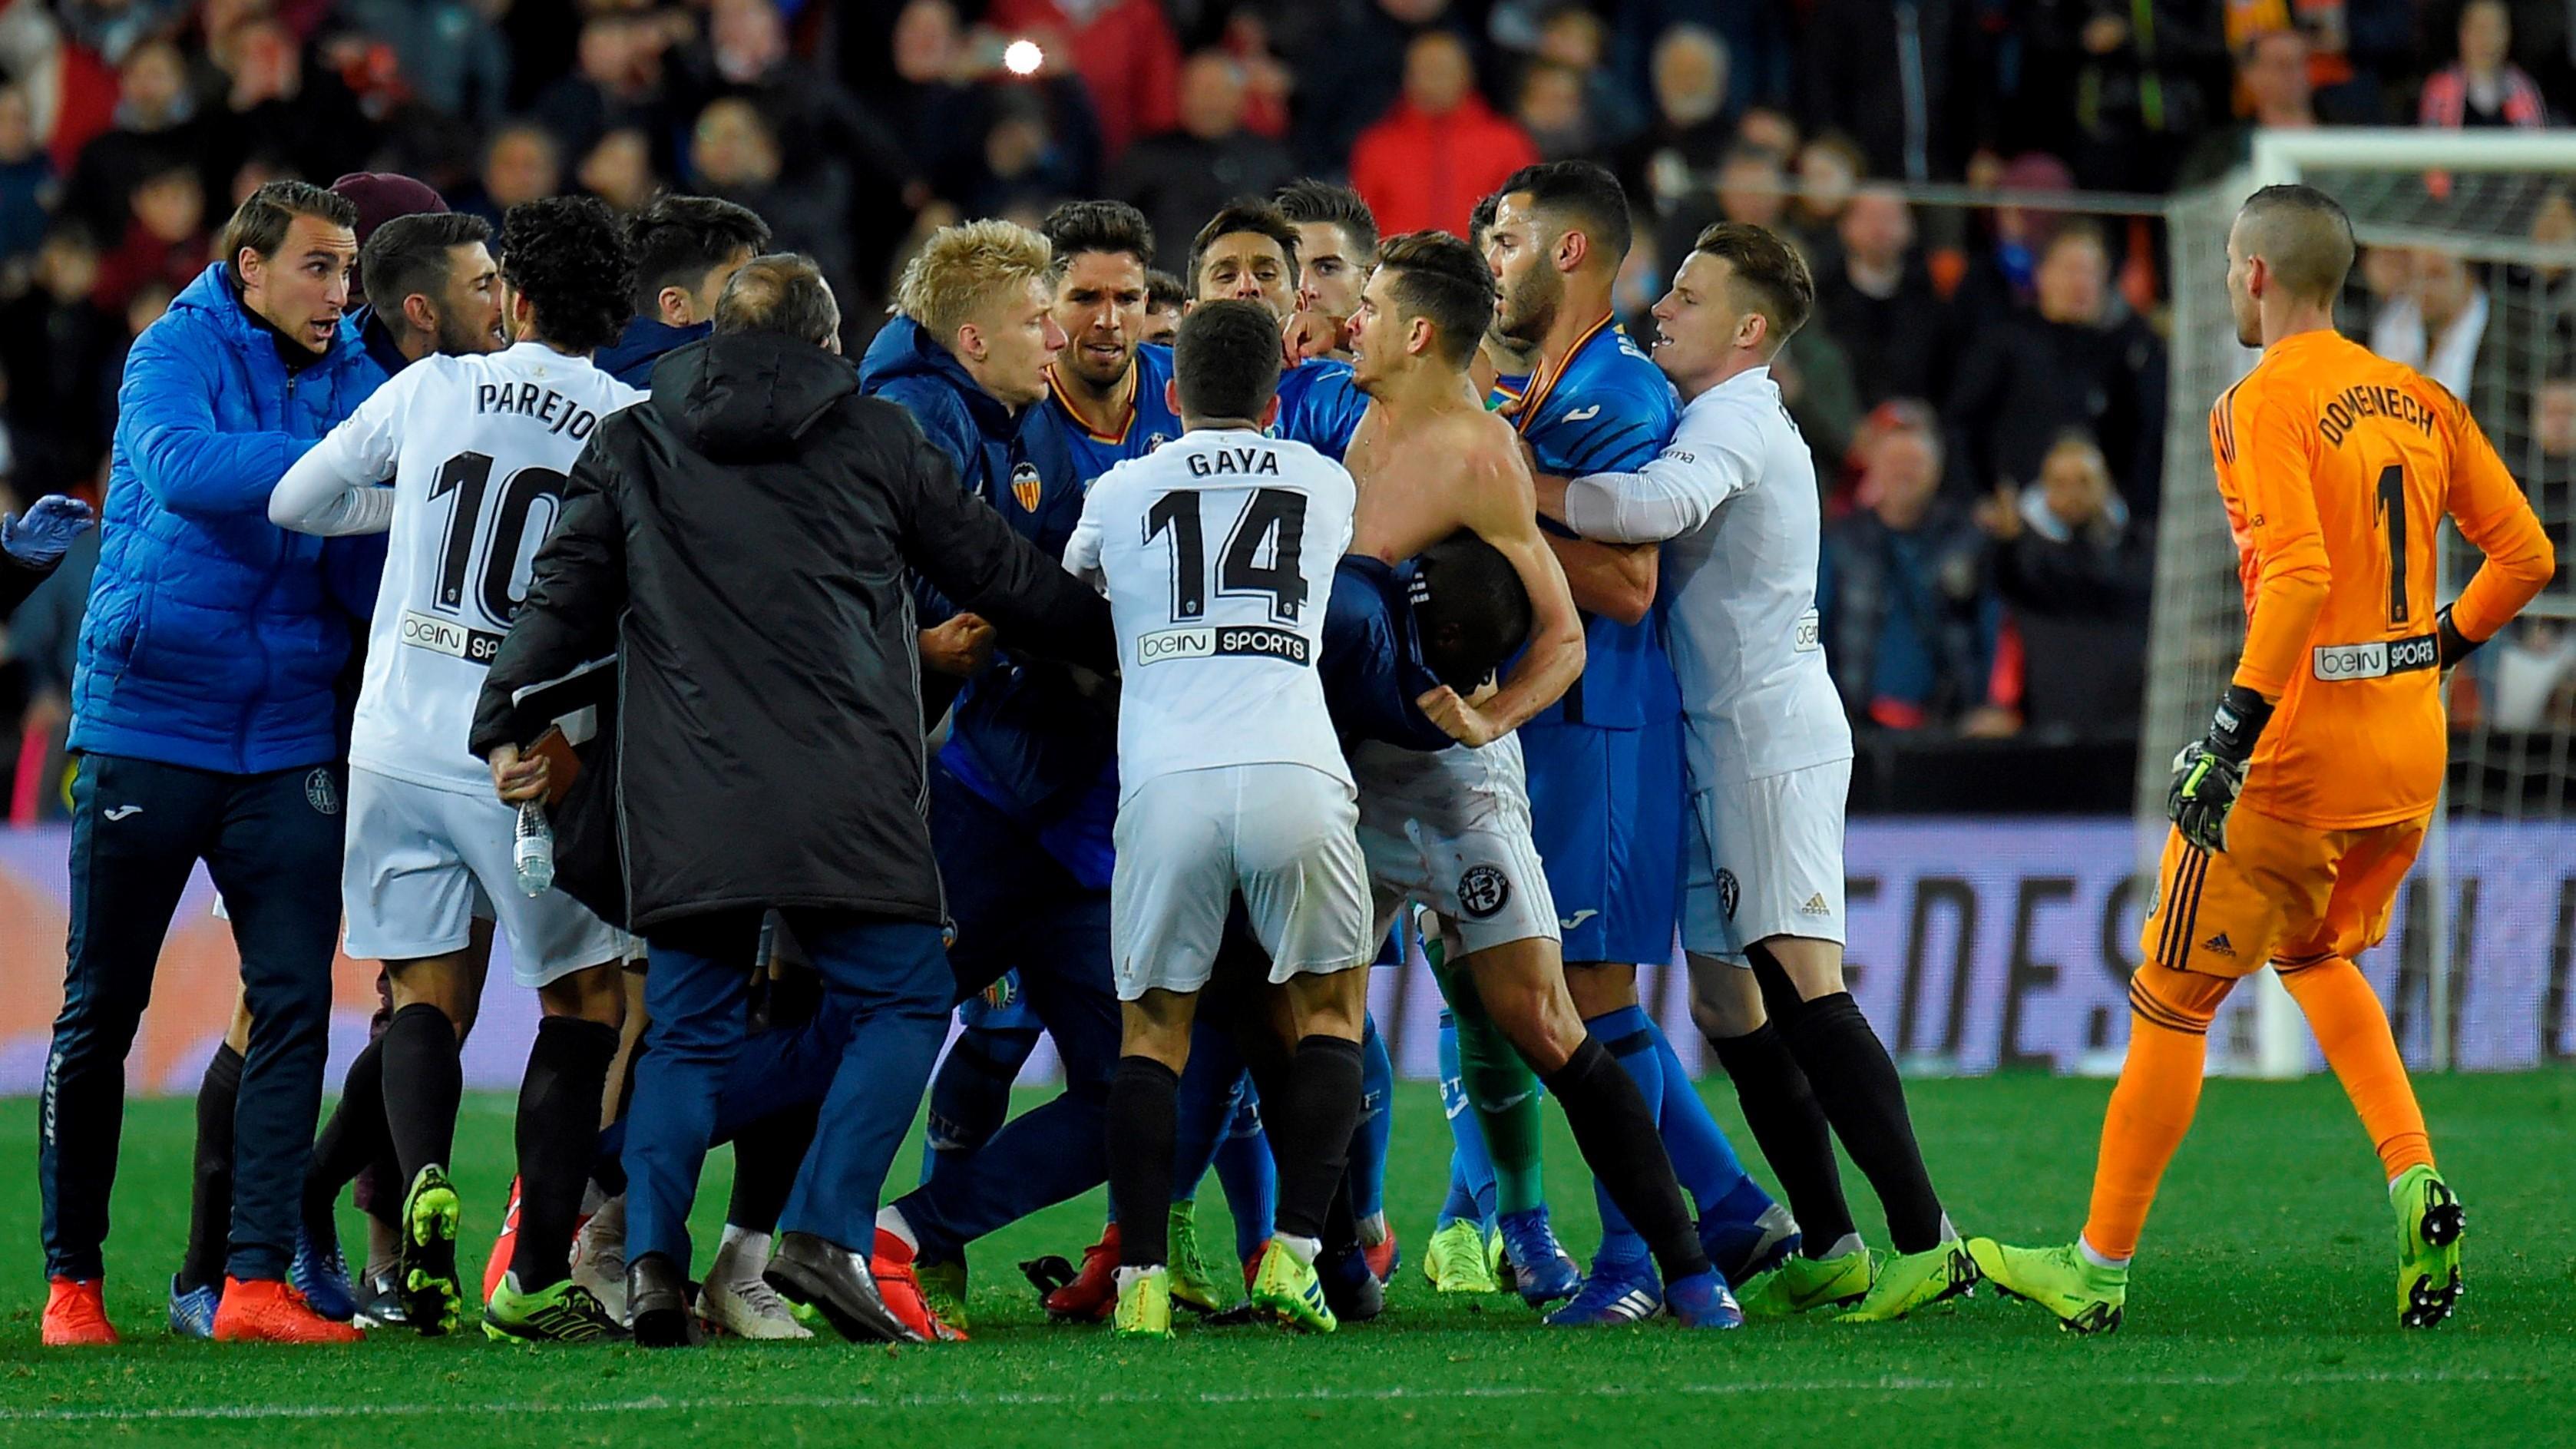 Cuatro partidos a Damián Suárez por golpes e insultos